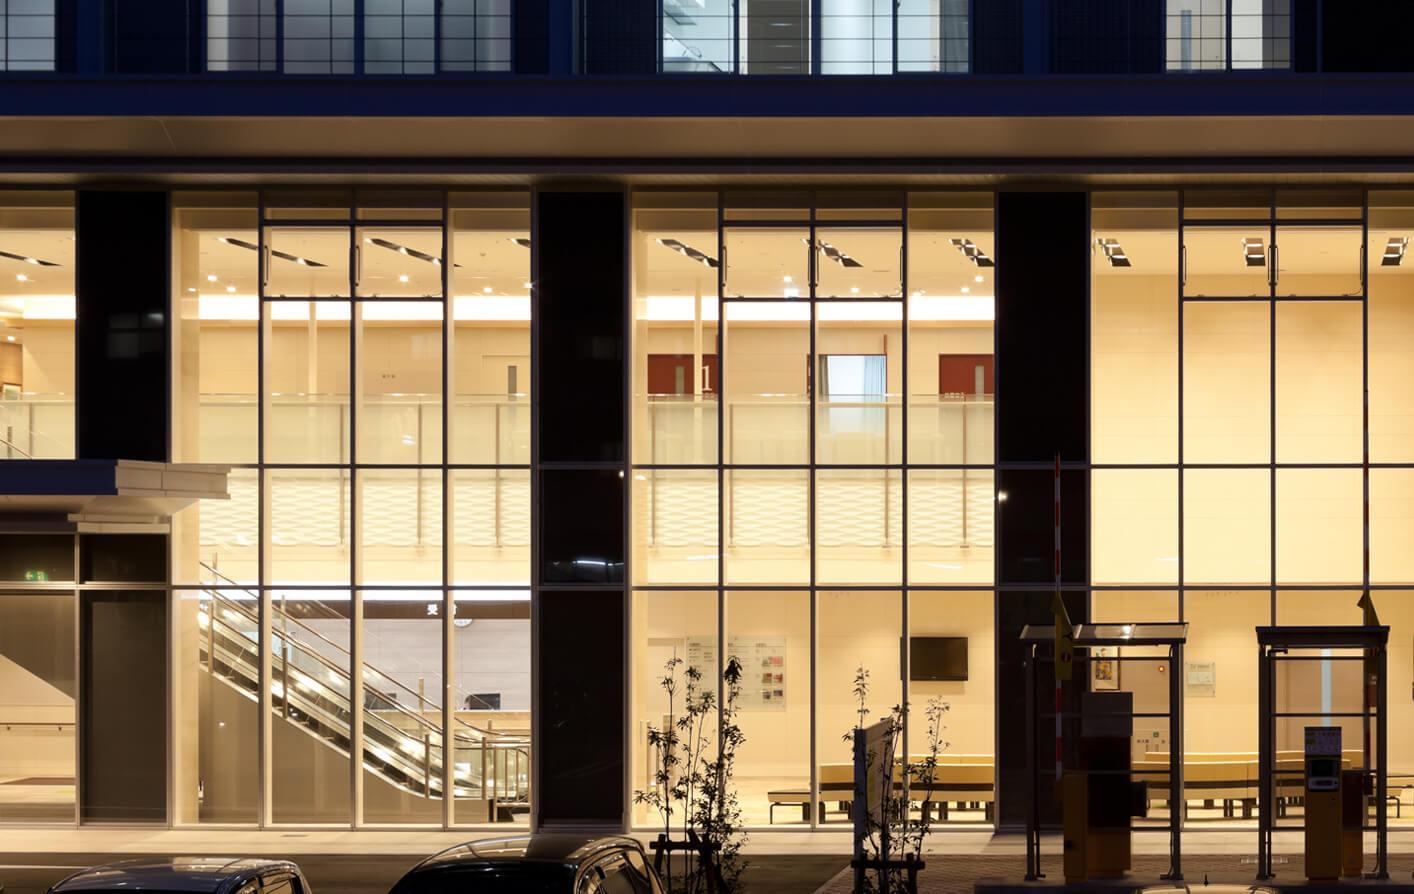 中日設計は創業から50年以上東海地区を中心に医療・福祉施設の設計を1000件以上手がけてきました。